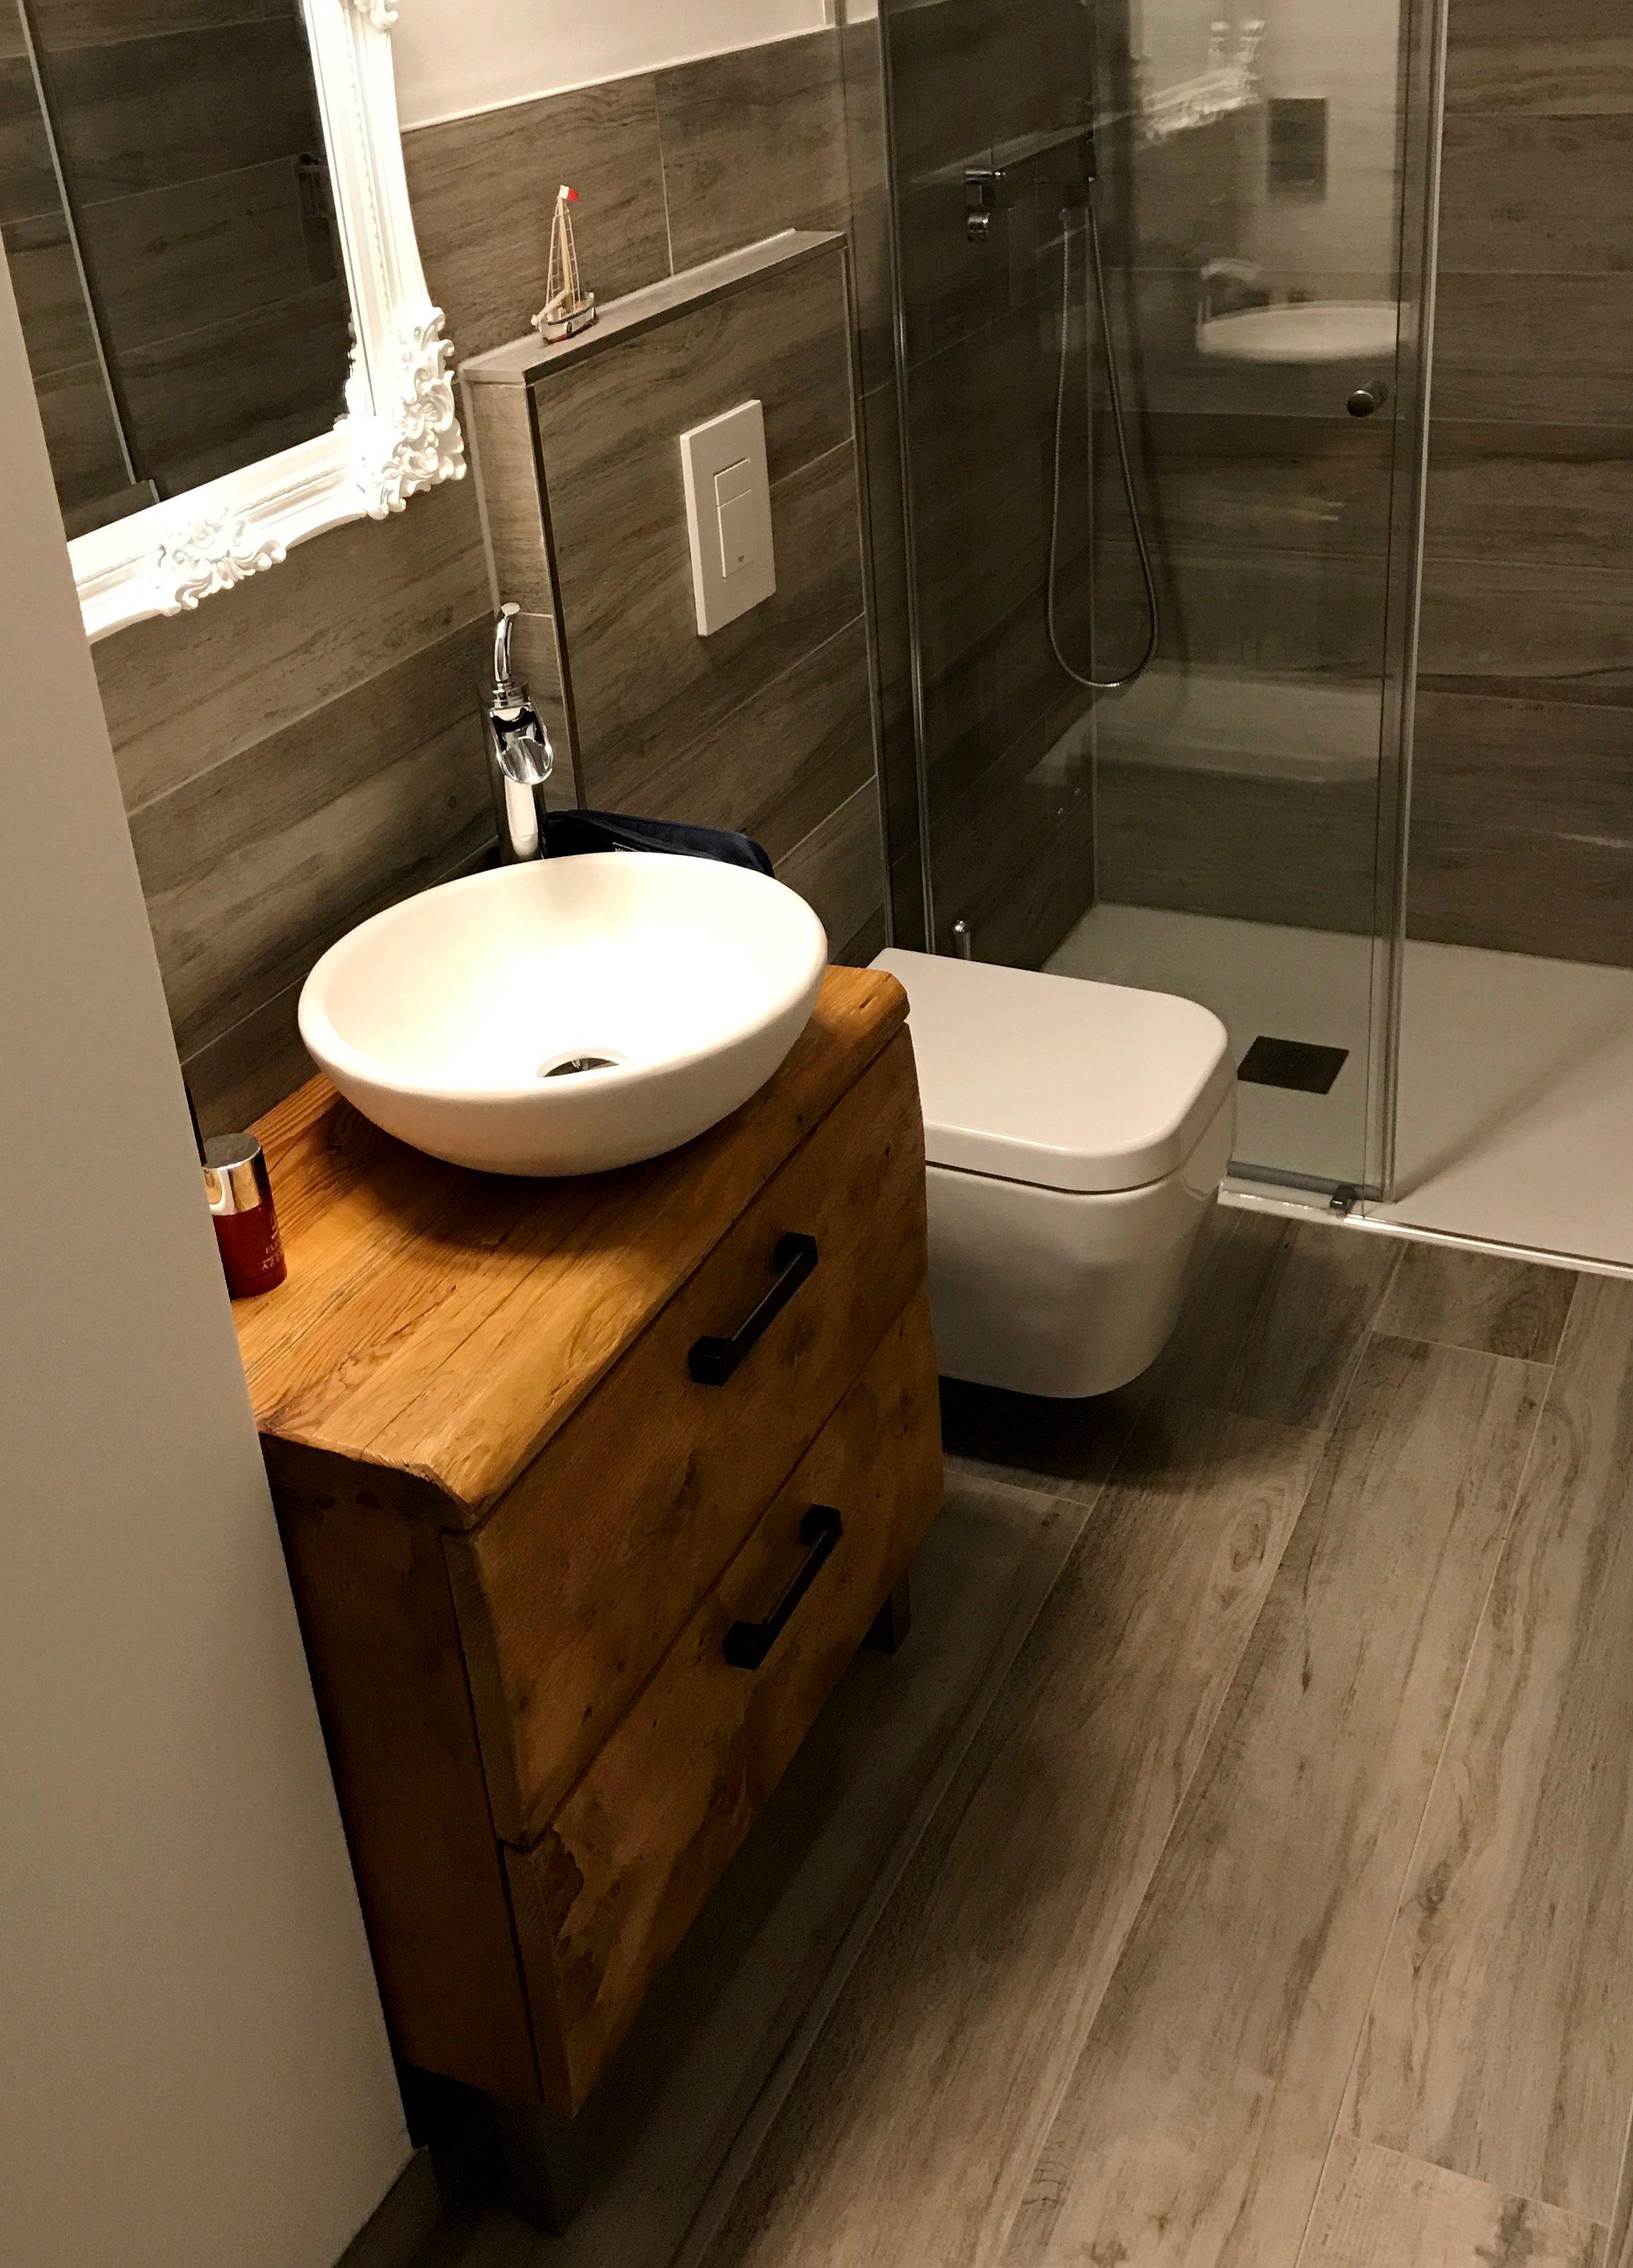 Einzigartiger Waschtisch Aus Holz Mit Waschschussel Holz Holzmobel Badezimmer Waschschussel Altholz Holz